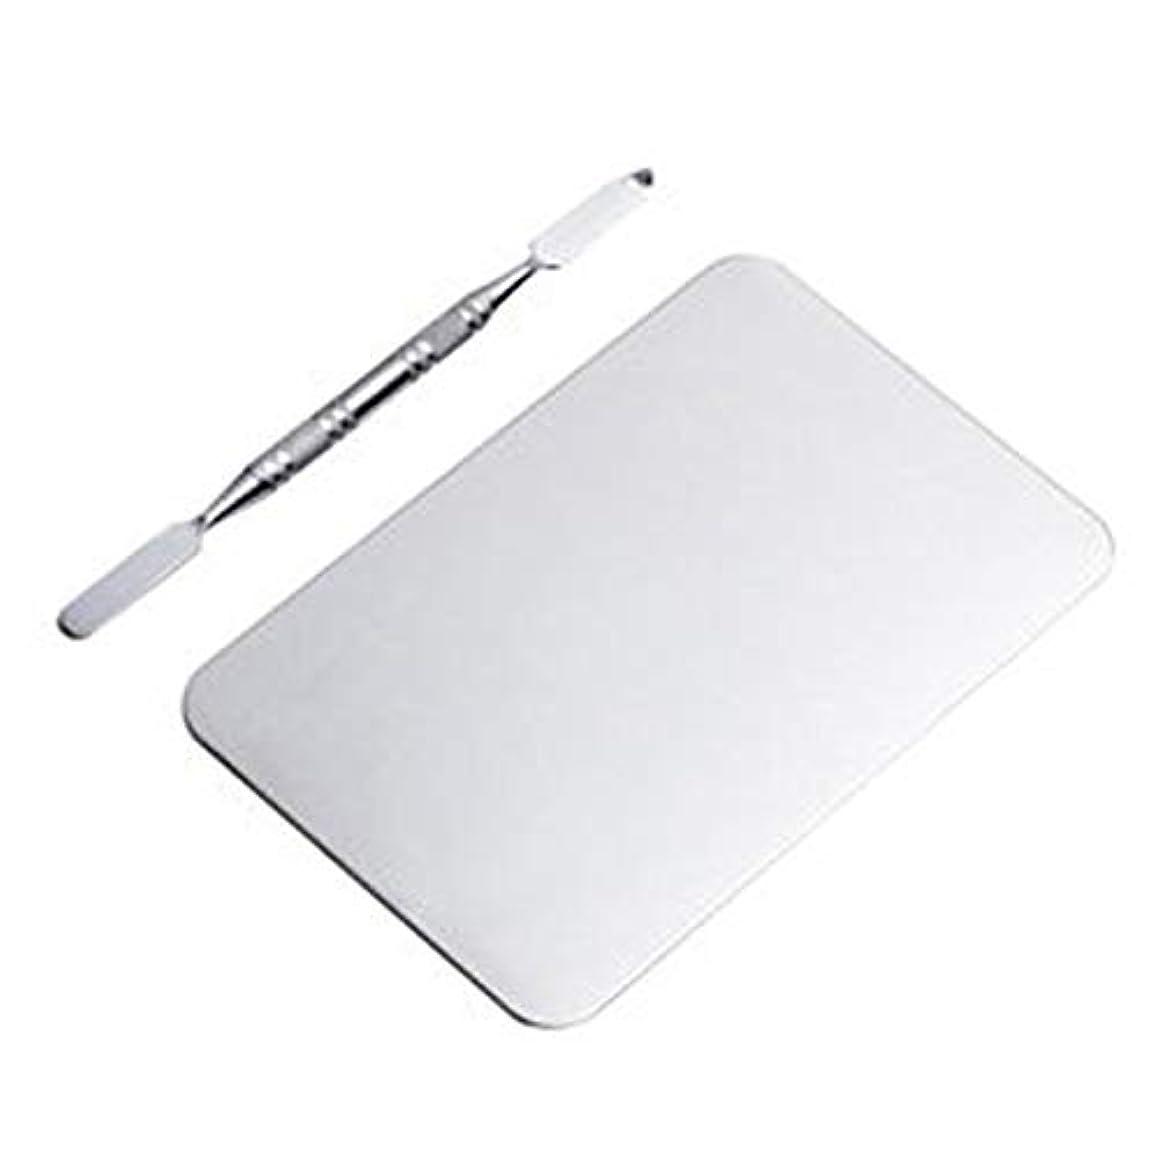 説明サルベージ餌サロン マニキュア カラーパレット メイクアップクリームファンデーションミキシングパレット 化粧品メイクアップツール ステンレス鋼板(115x75MM) (Color : Nonporous)